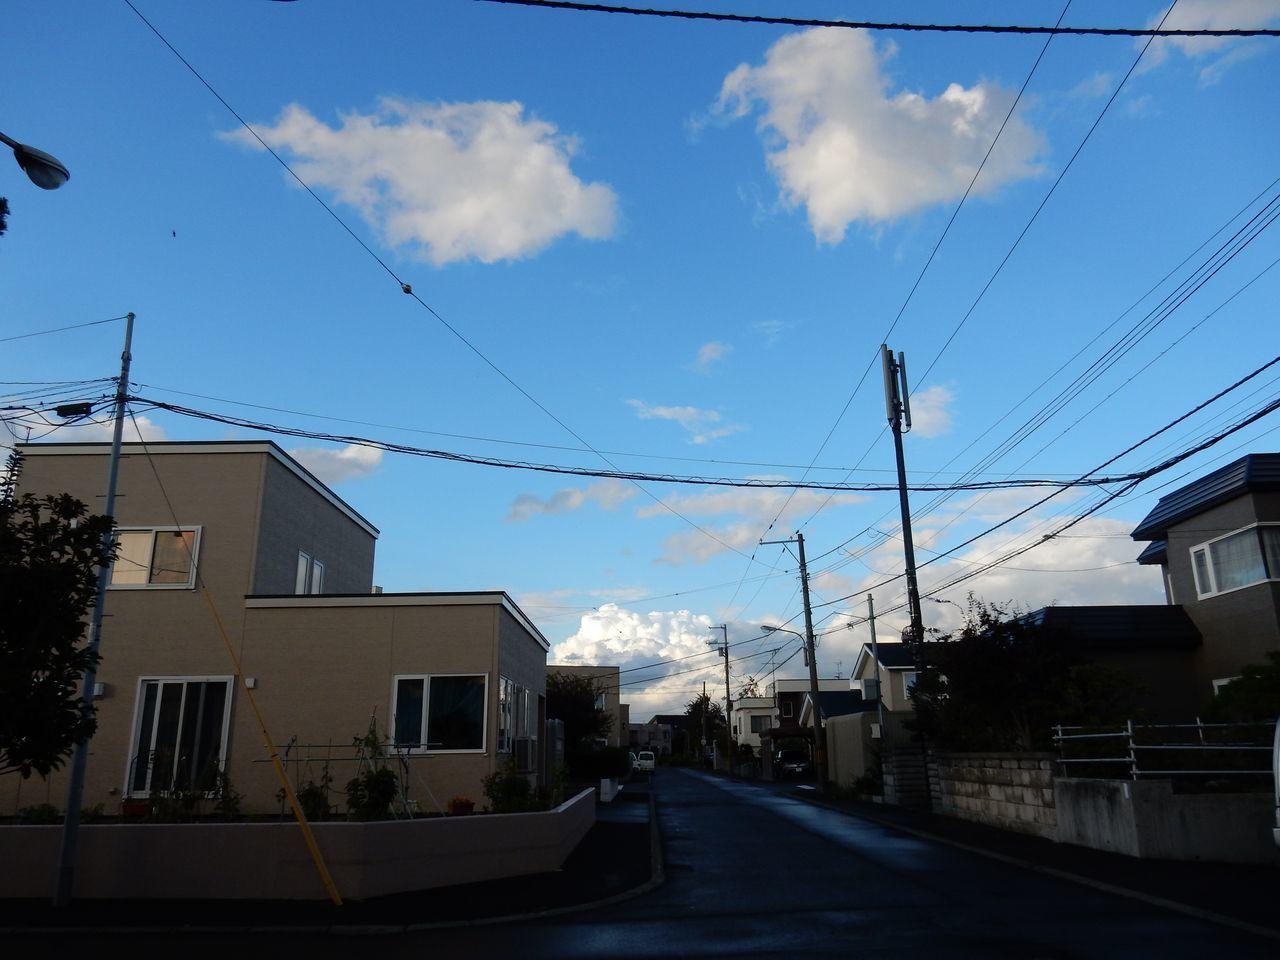 午後遅くなってからようやく「台風一過」の雰囲気に_c0025115_22525526.jpg